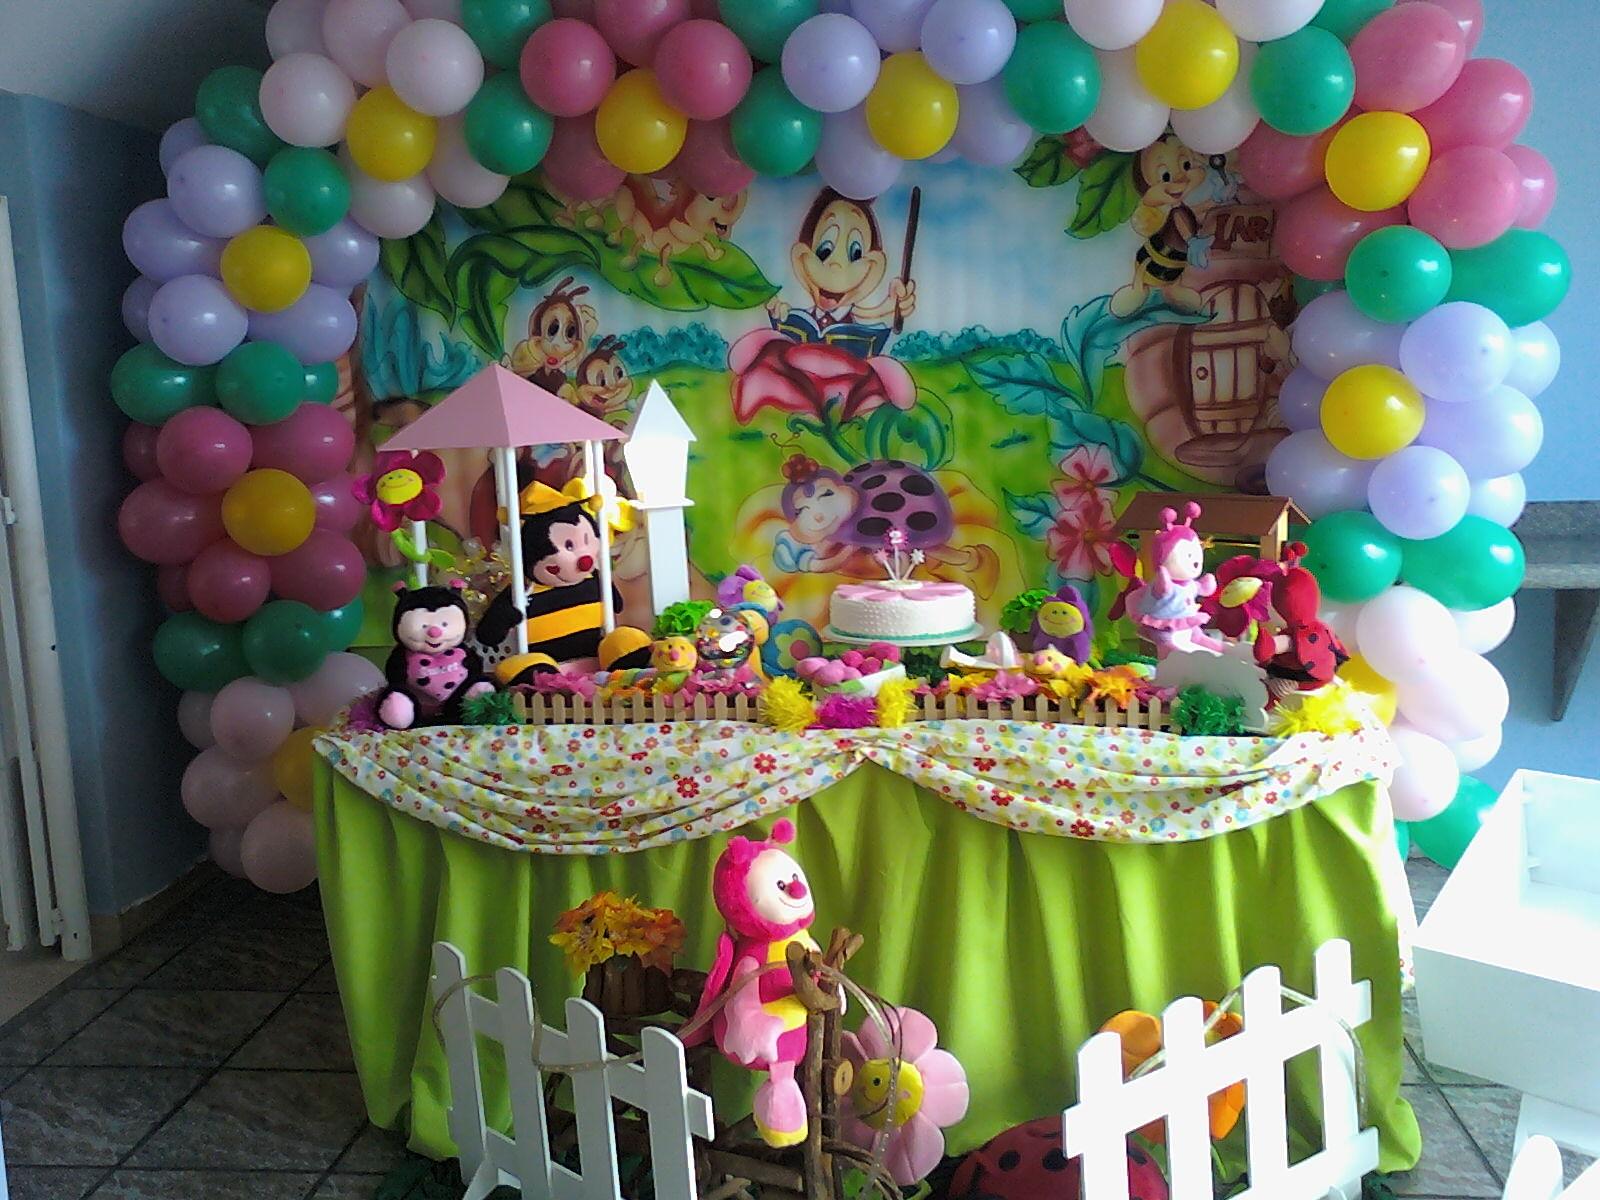 decoracao de festa tema jardim encantado:Uma decoração bem colorida, temos a presença de bichinhos de jardim